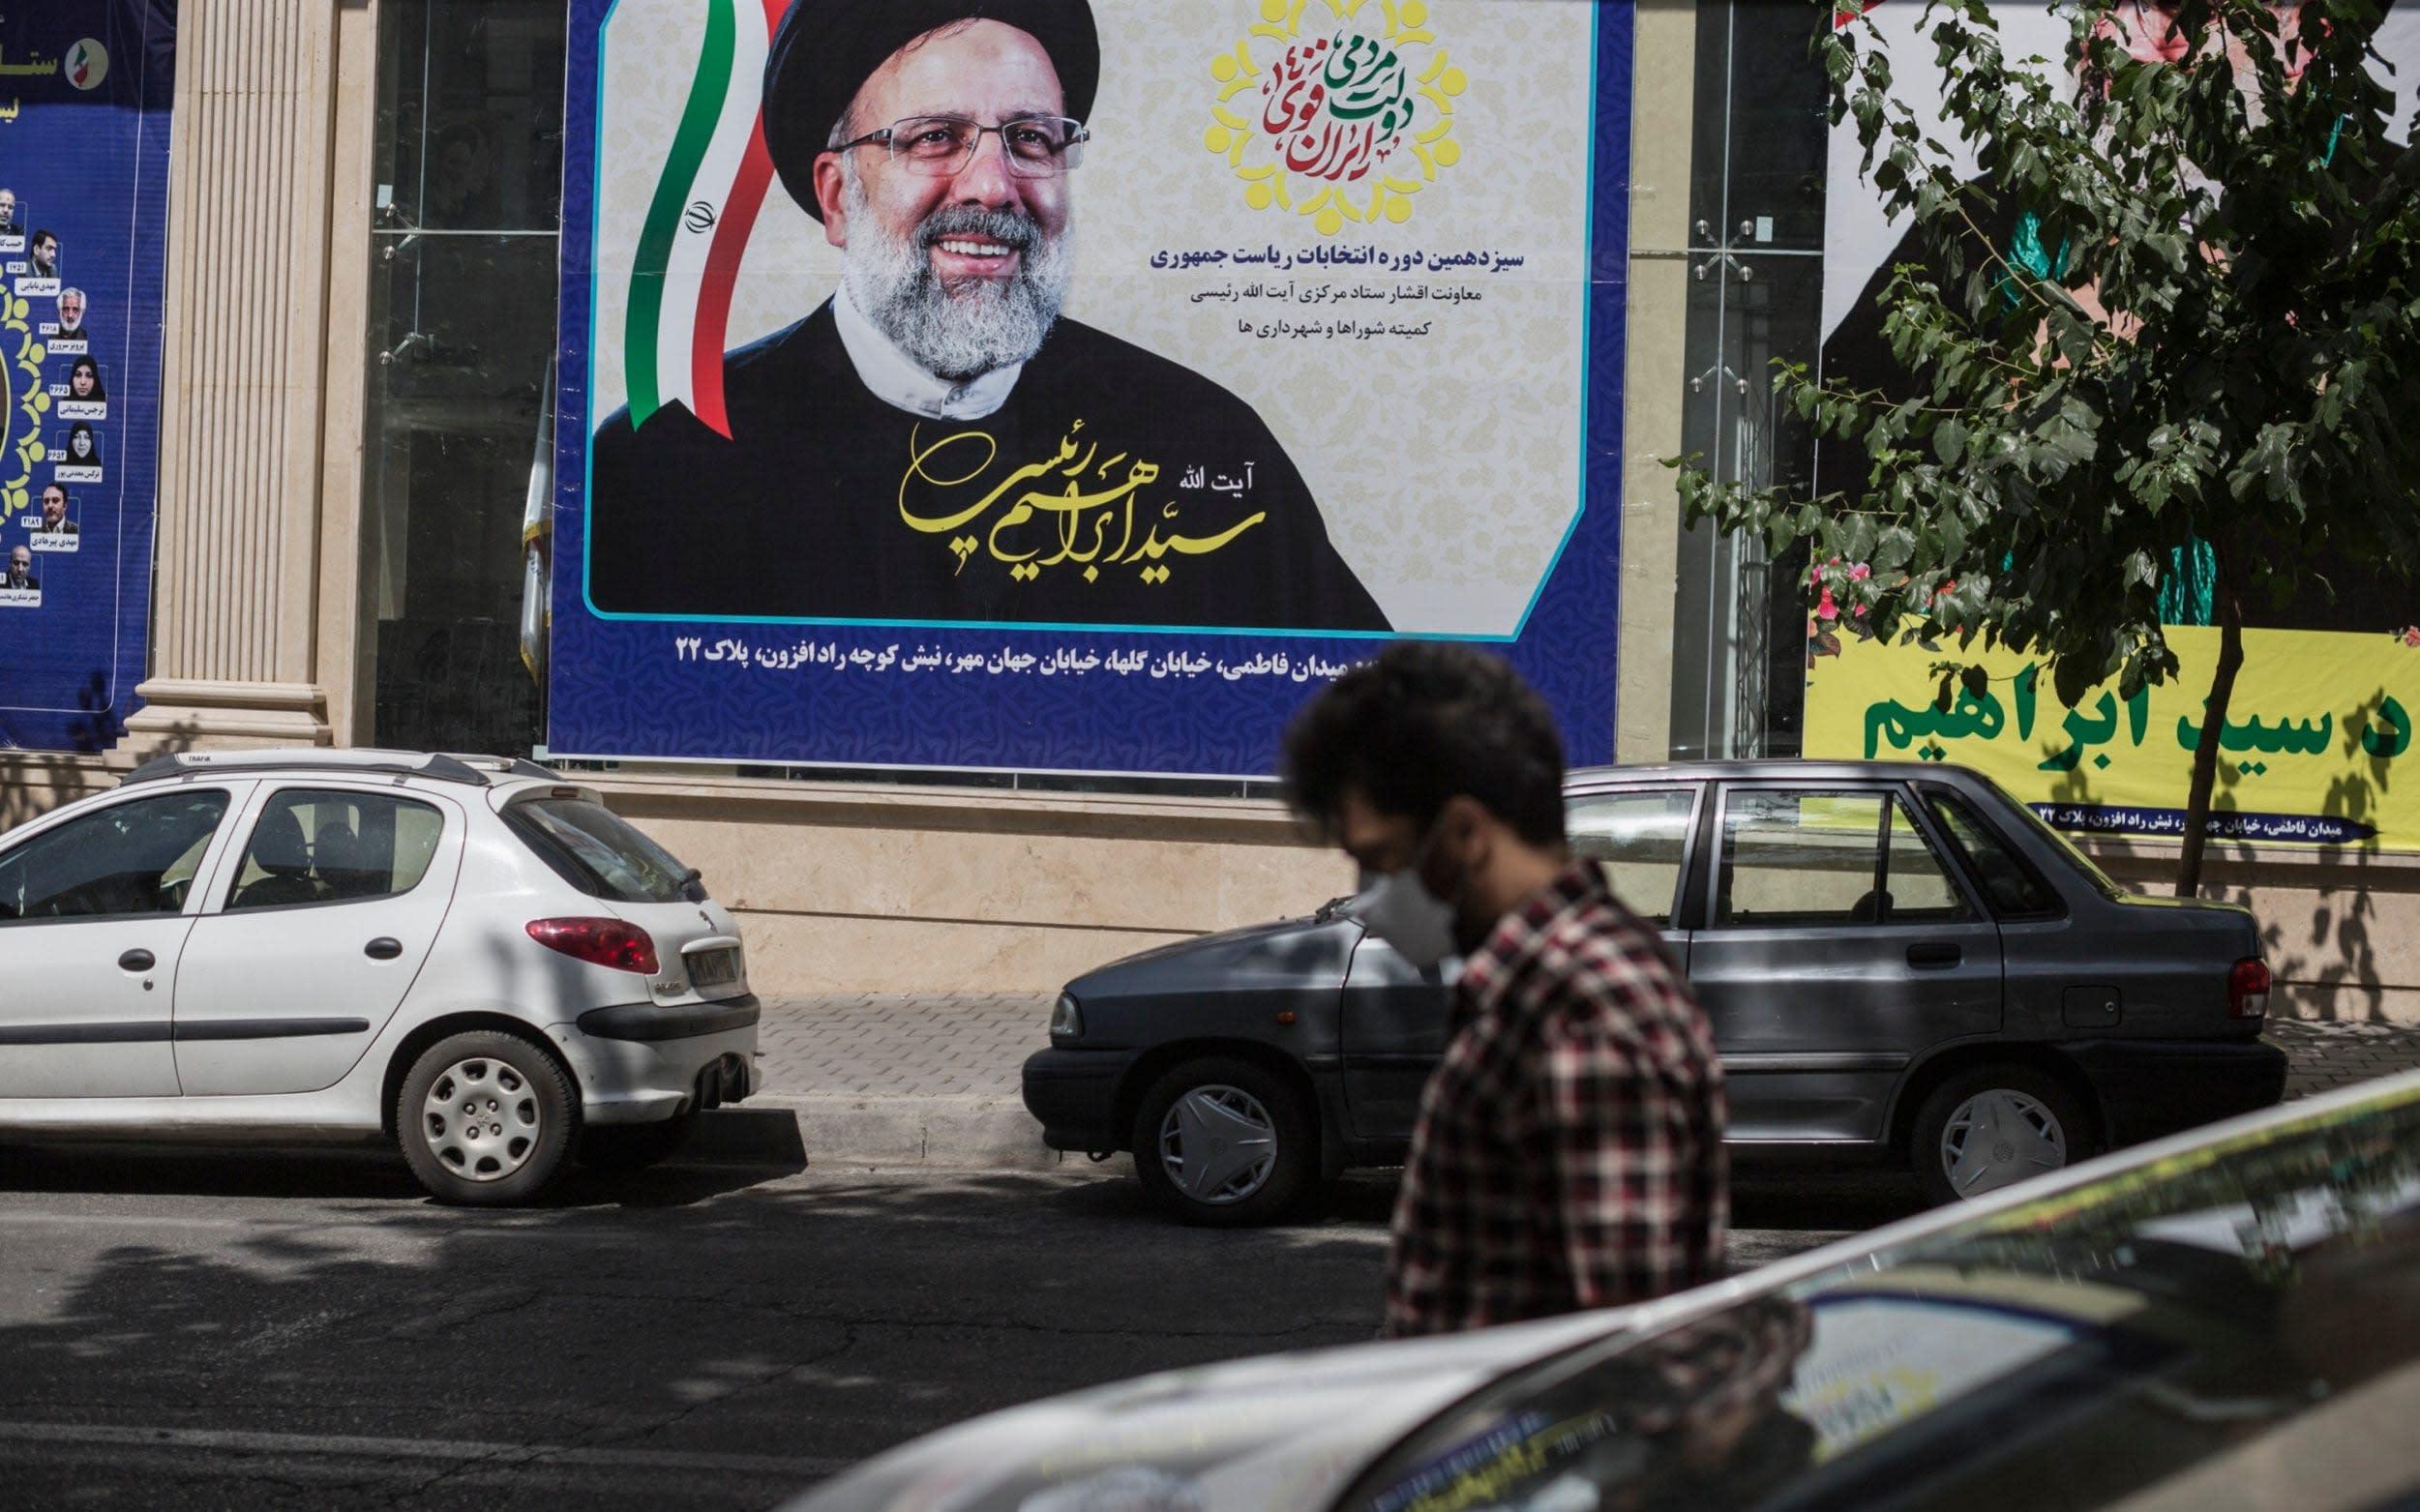 Hardline judge wins landslide victory in Iran election